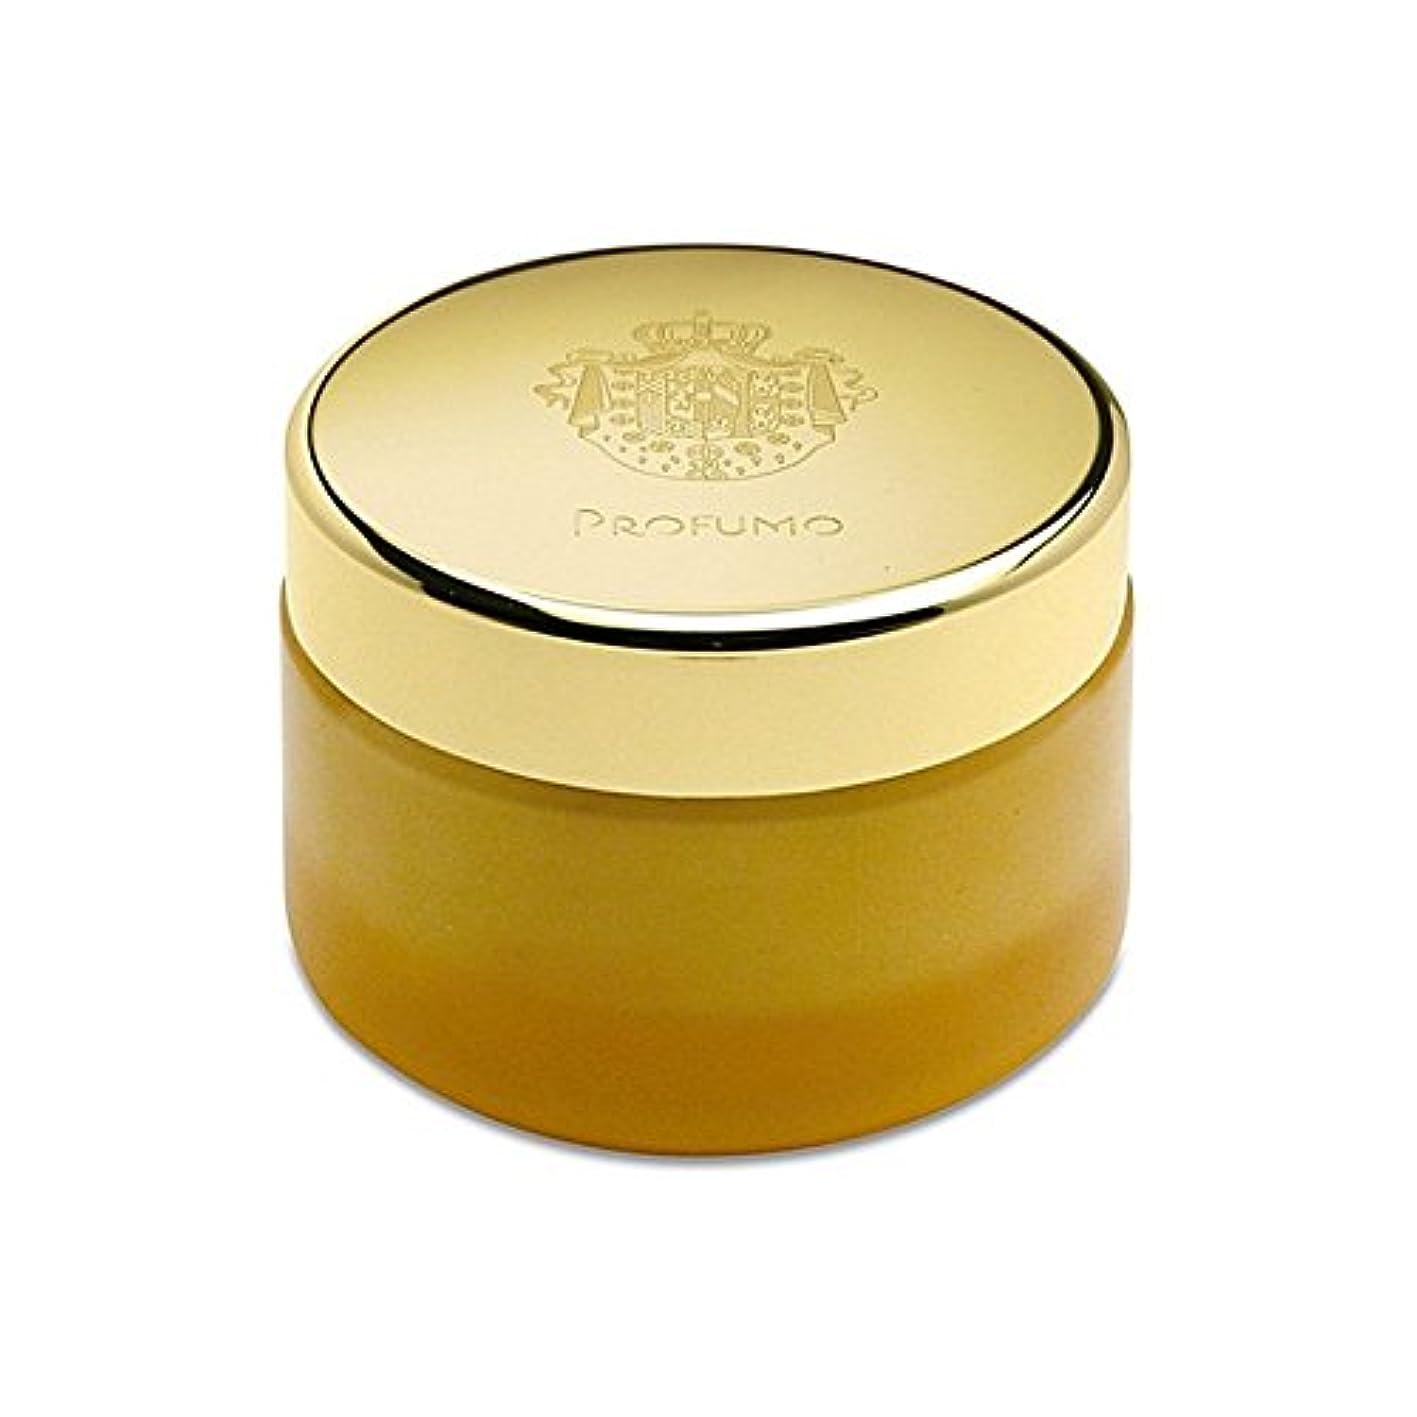 路面電車増幅配るAcqua Di Parma Profumo Body Cream 200ml (Pack of 6) - アクアディパルマボディクリーム200ミリリットル x6 [並行輸入品]